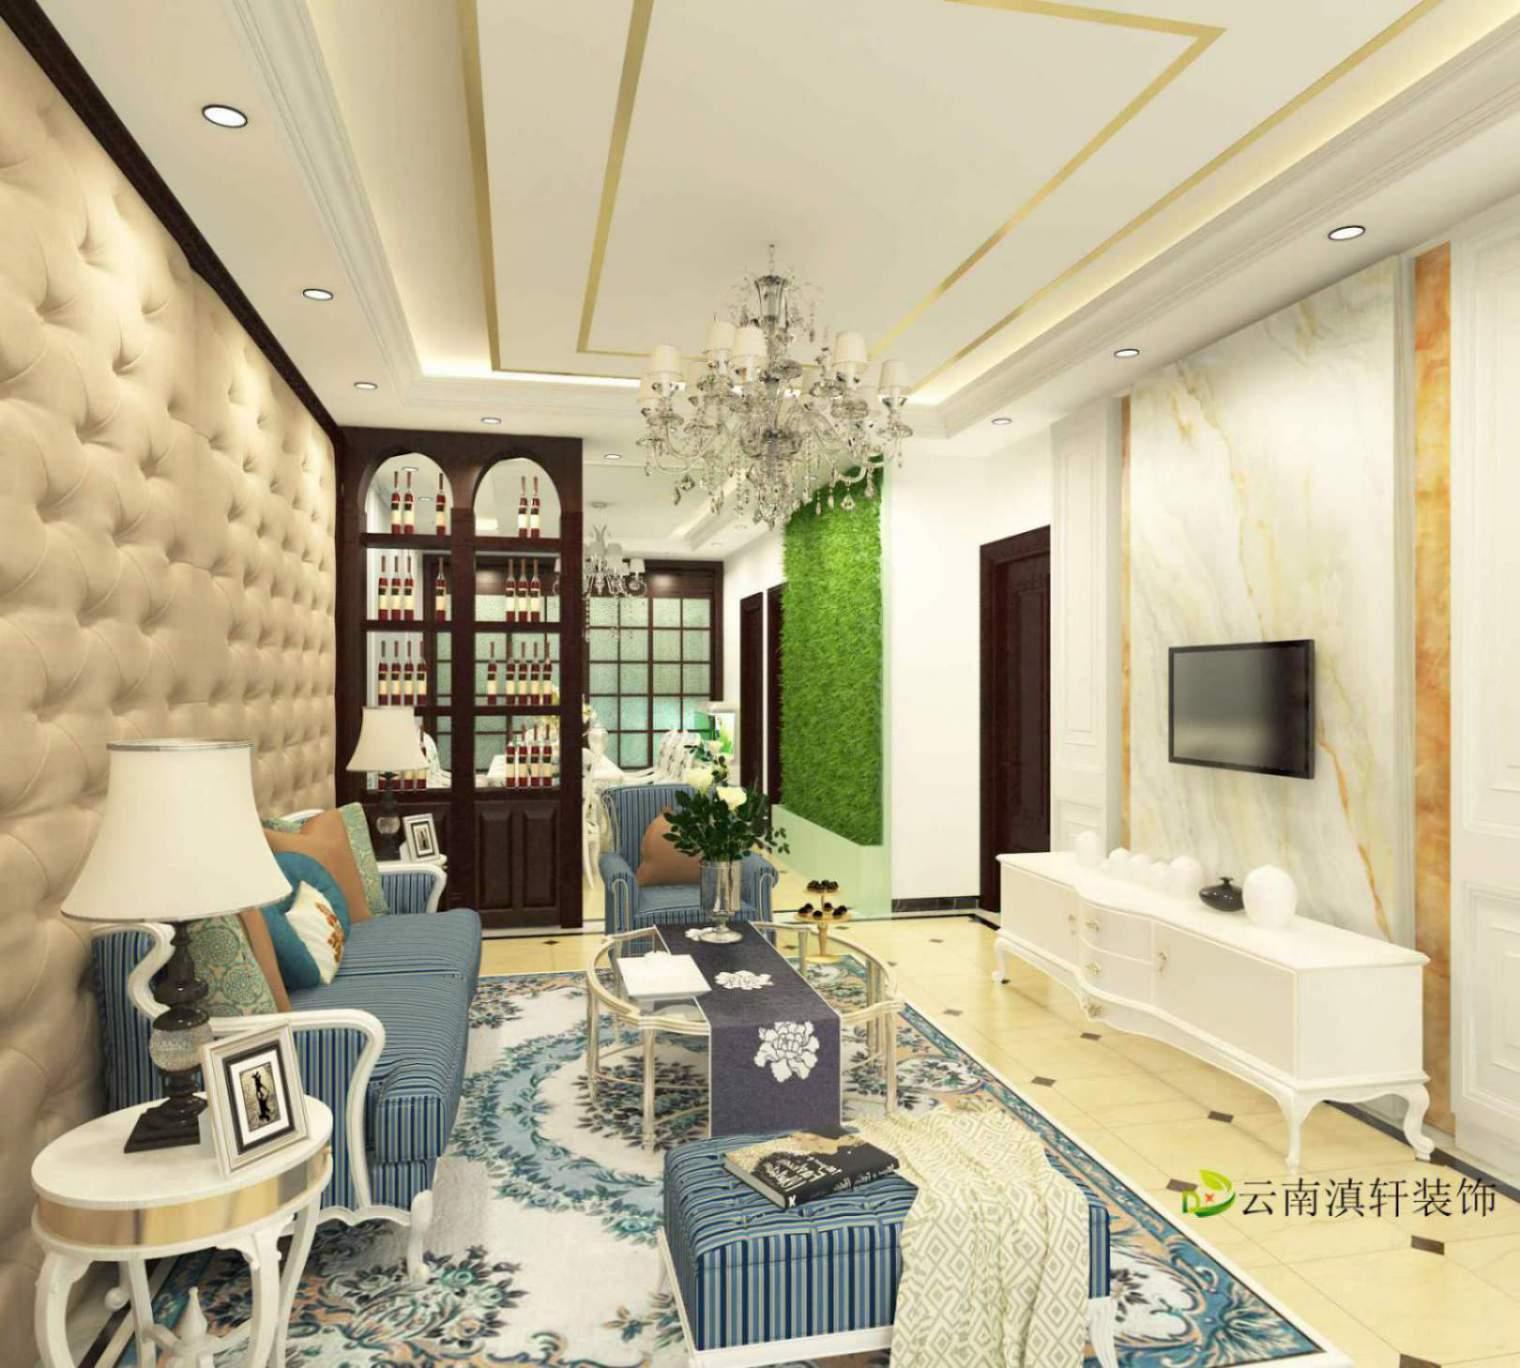 滇轩装饰教您5个实用装饰搭配建议 让家居美观又实用